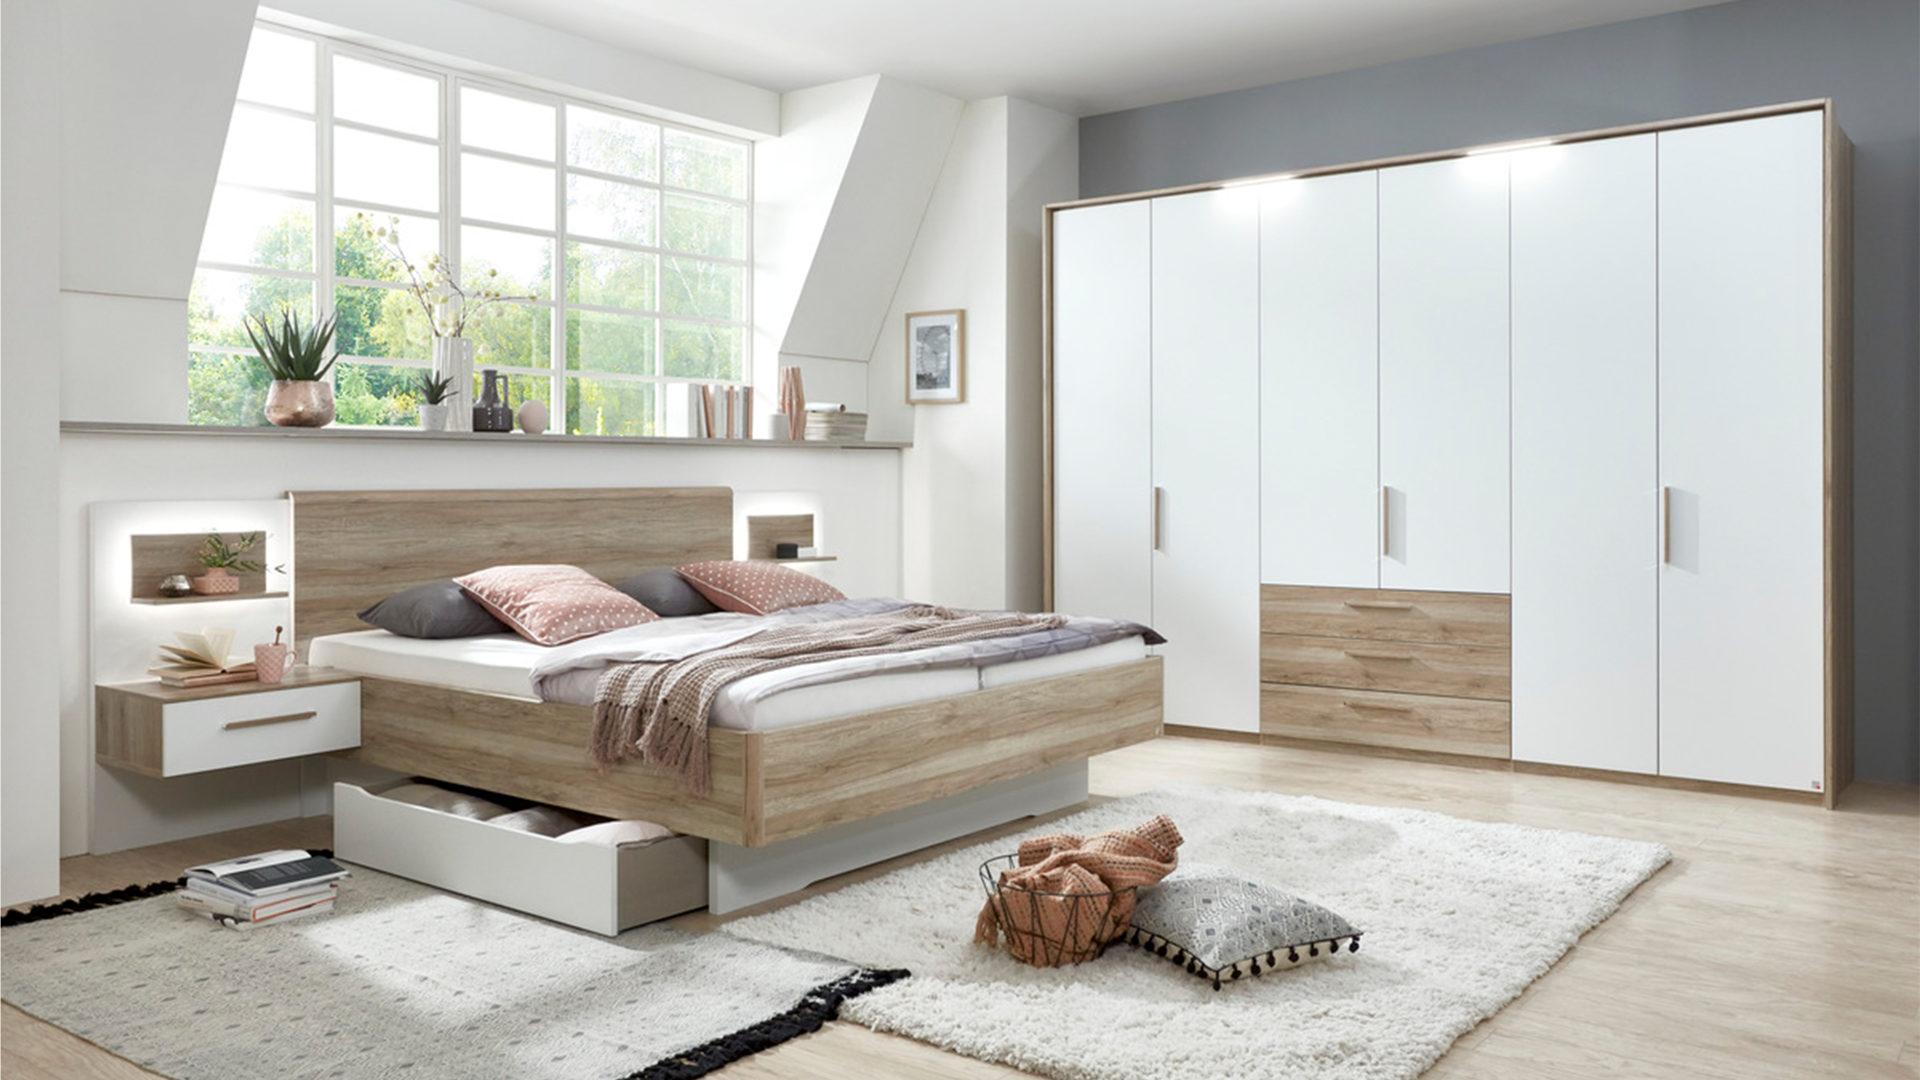 Hoffmann Mobel Guben Raume Schlafzimmer Kleiderschranke Rauch